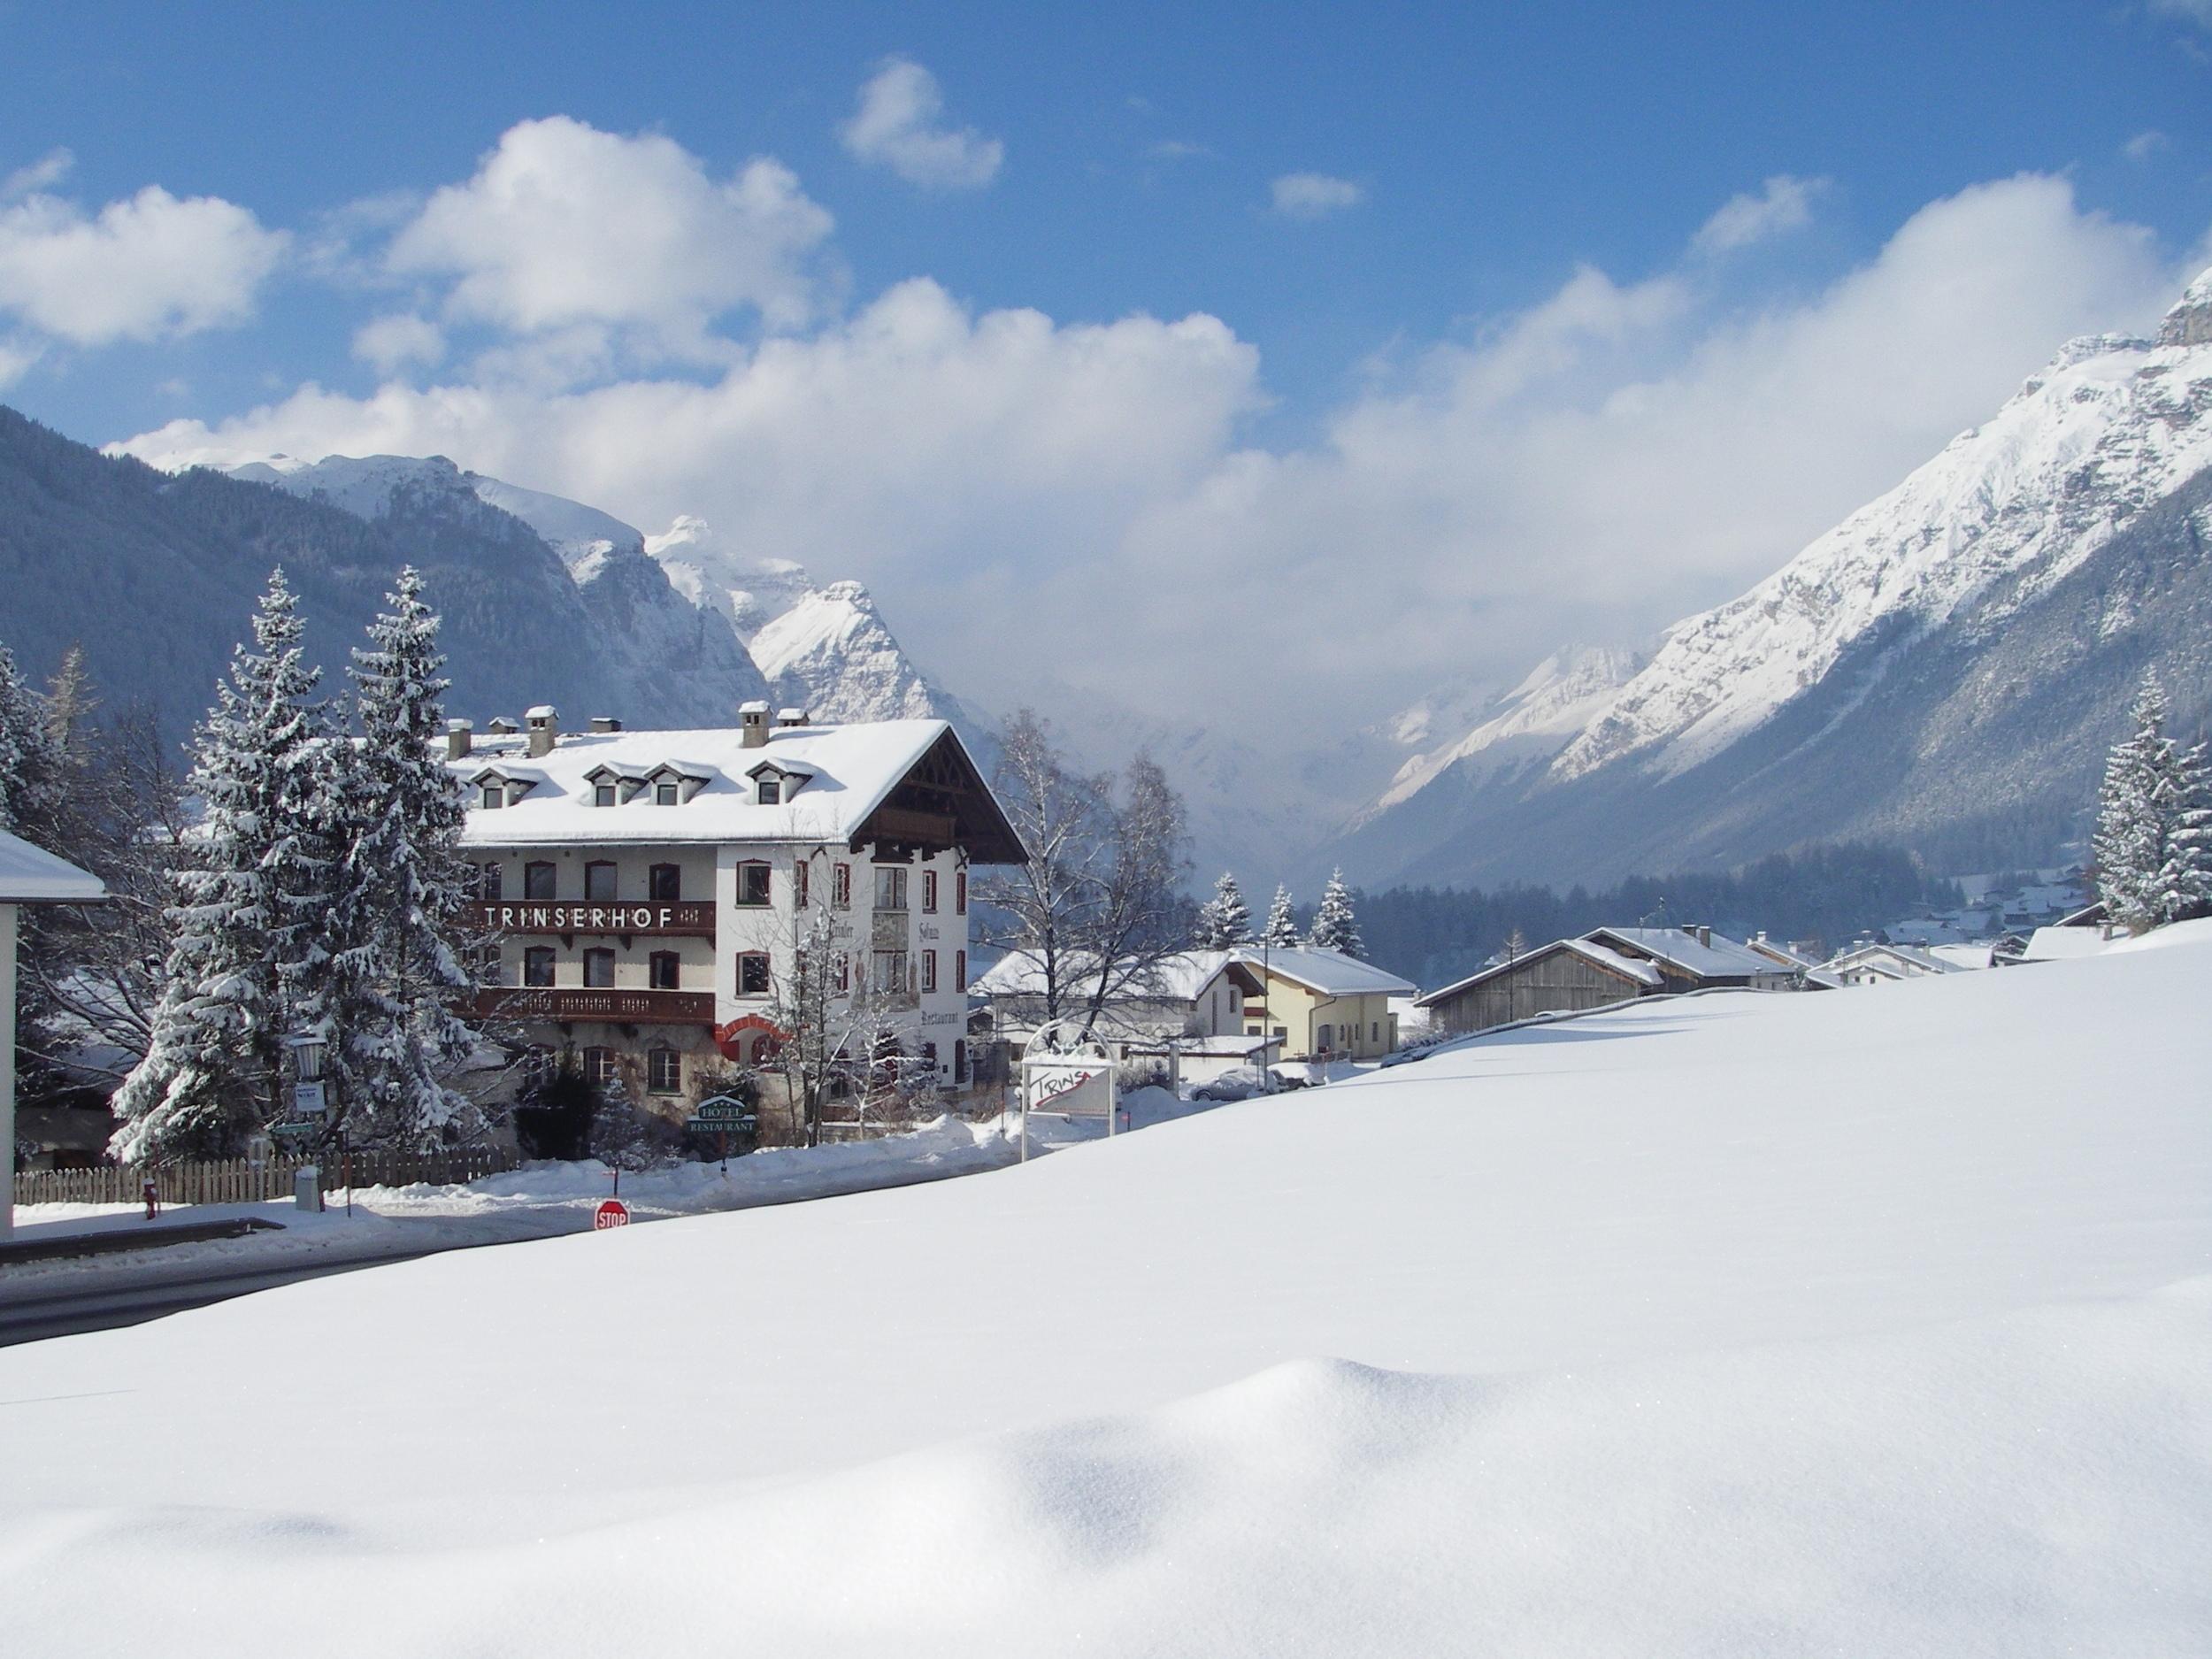 Trinserhof im Winter